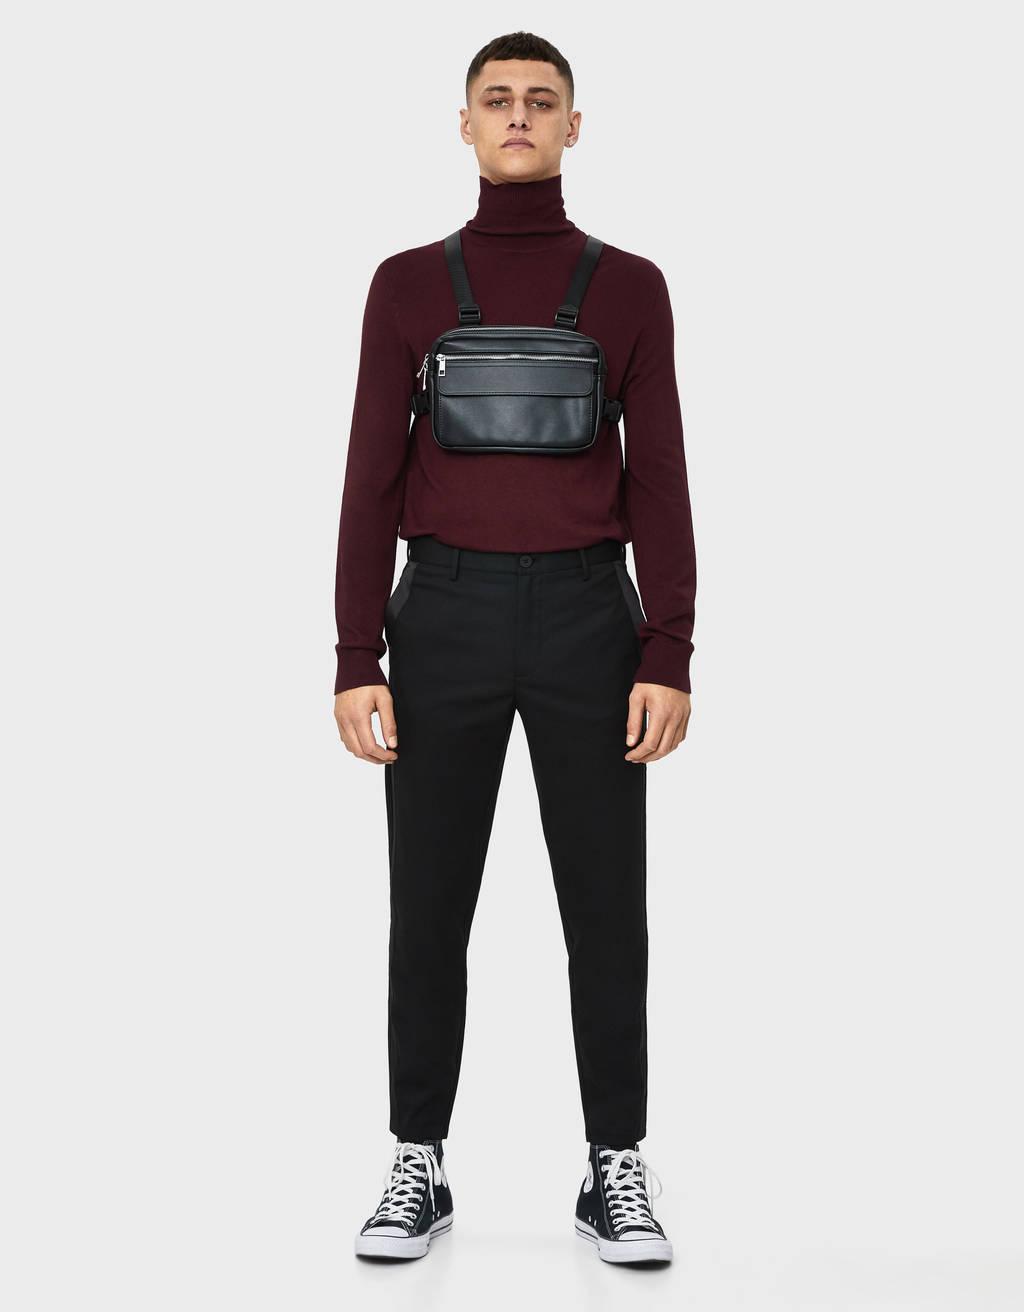 Pantalon skinny fit avec bande latérale